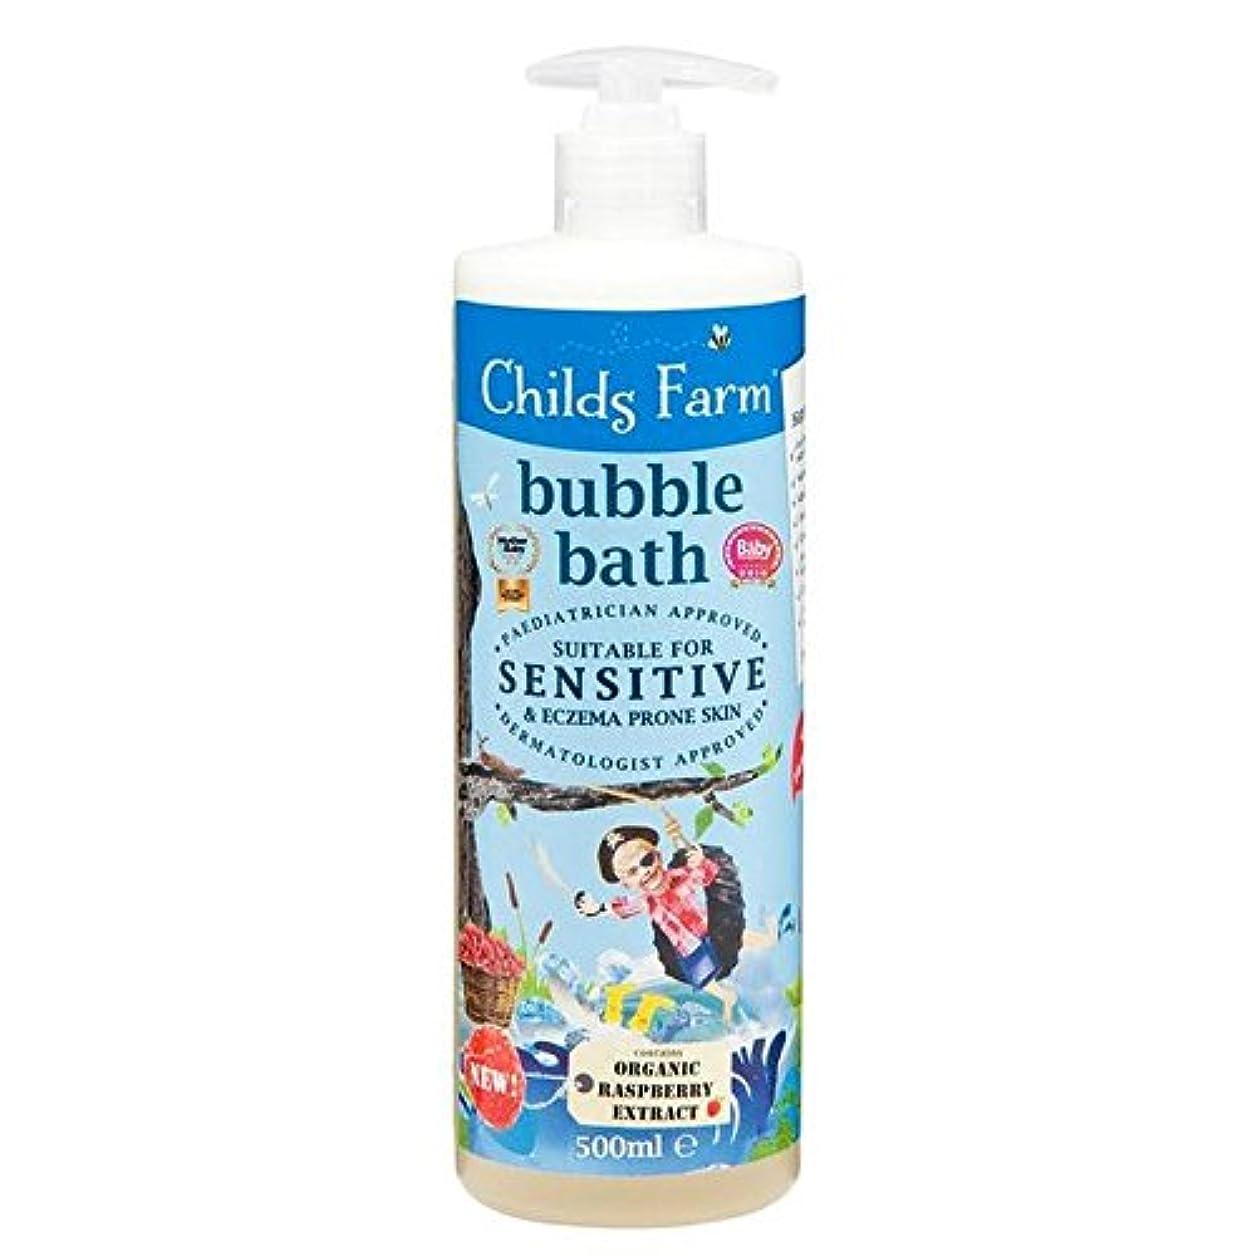 失うご覧ください中500ミリリットルのための農場の泡風呂をチャイルズ x4 - Childs Farm Bubble Bath for Bucaneers 500ml (Pack of 4) [並行輸入品]